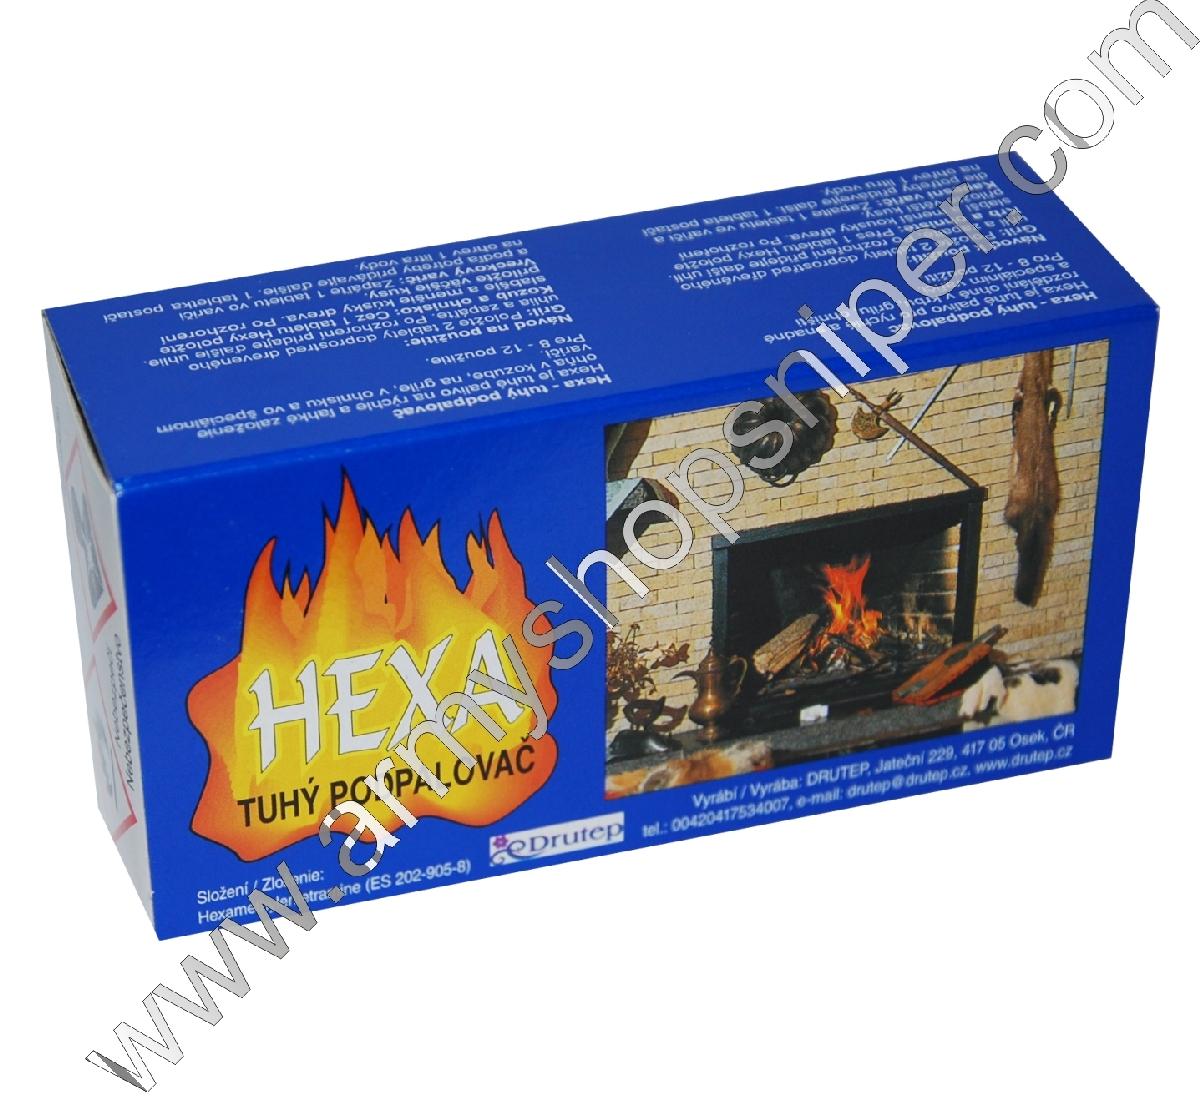 HEXA tuhý podpalovač, pevný líh